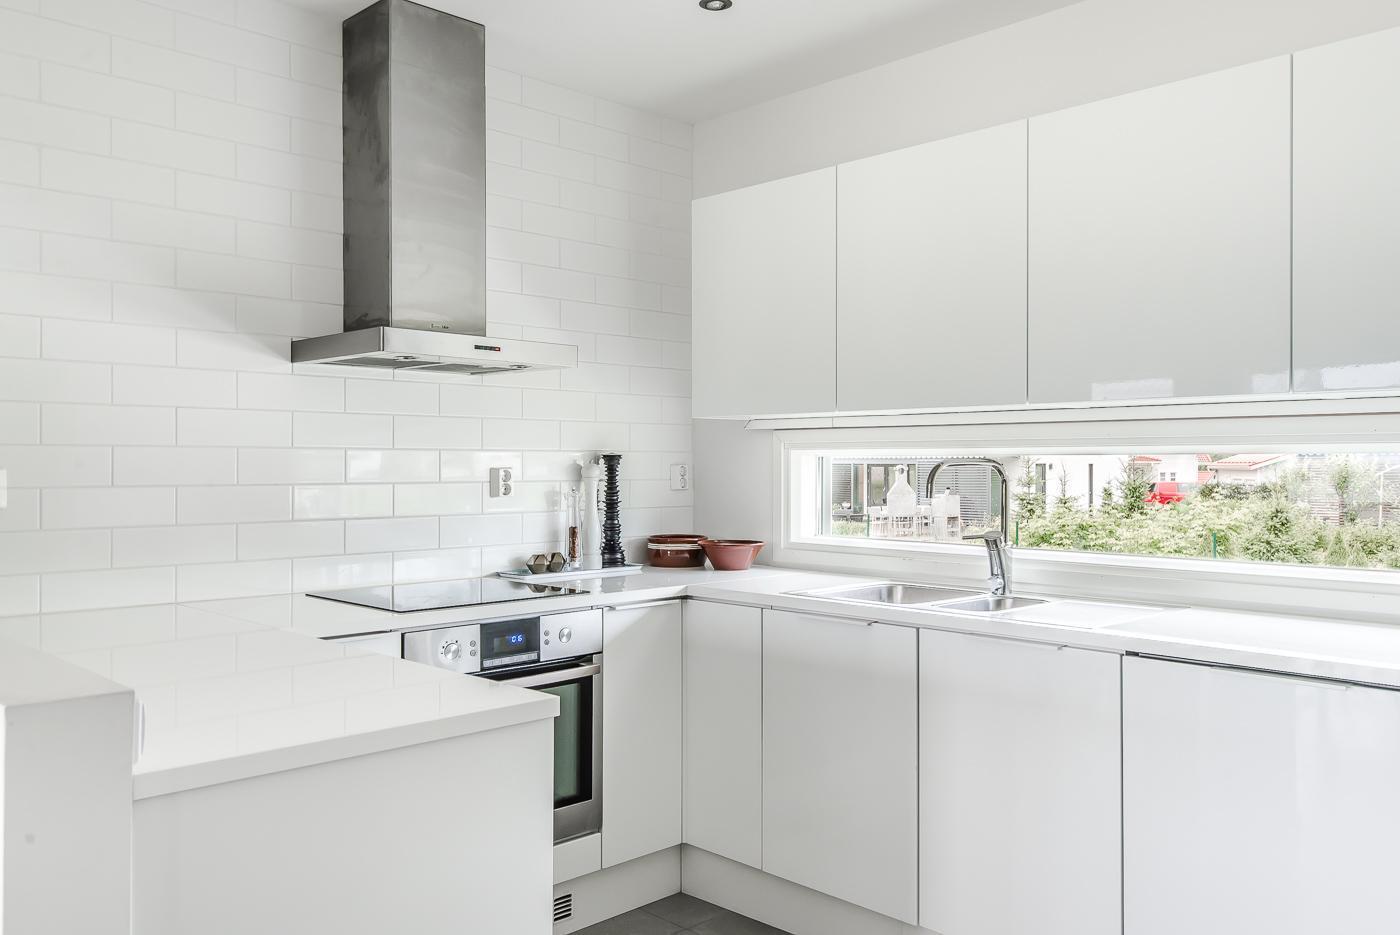 Tyylikäs ja ajaton valkoinen keittiö  Etuovi com Ideat